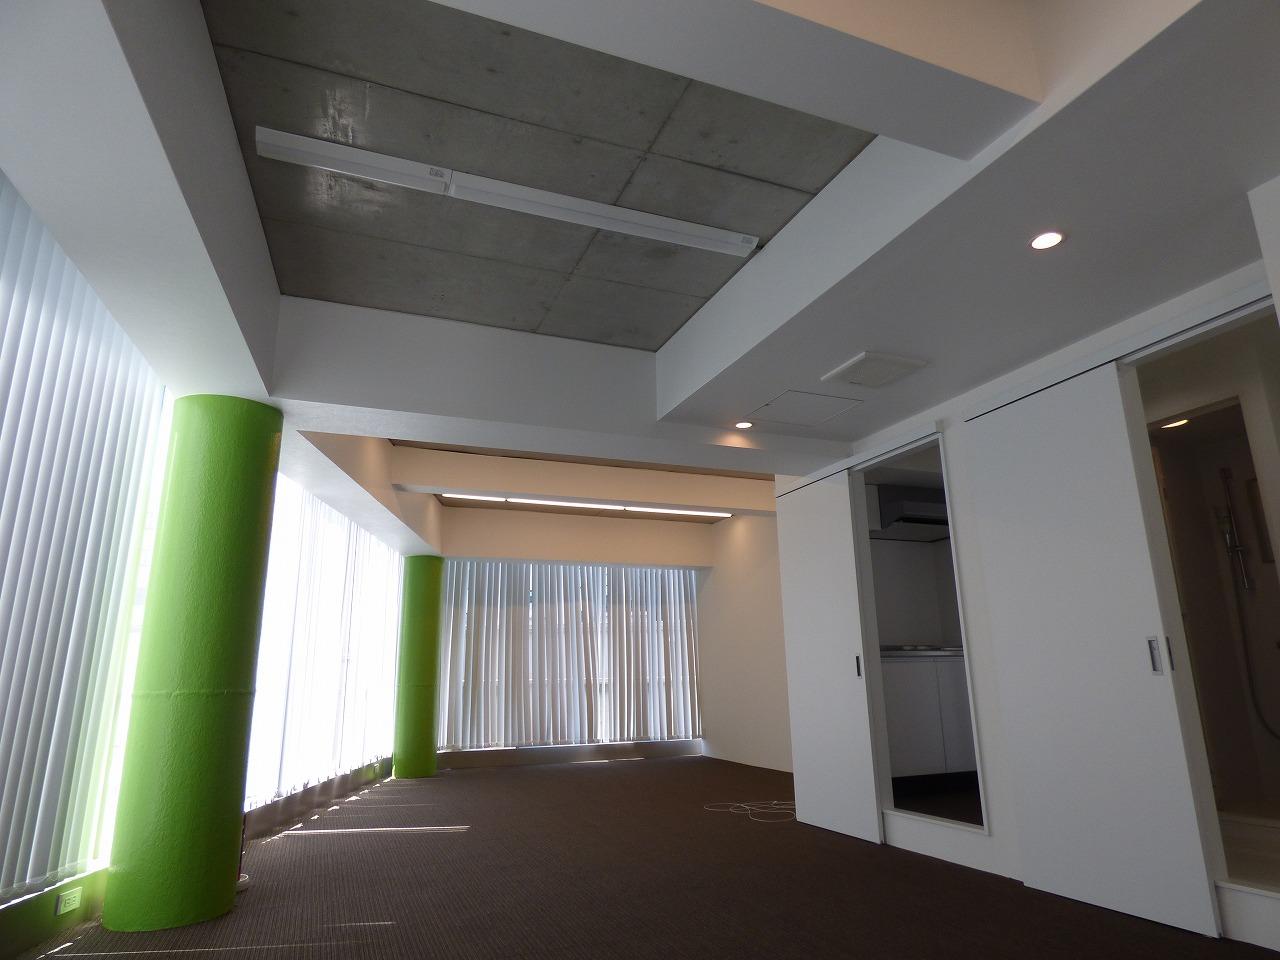 【大阪市北区西天満】4駅アクセス可能な1フロア1テナント築浅物件!